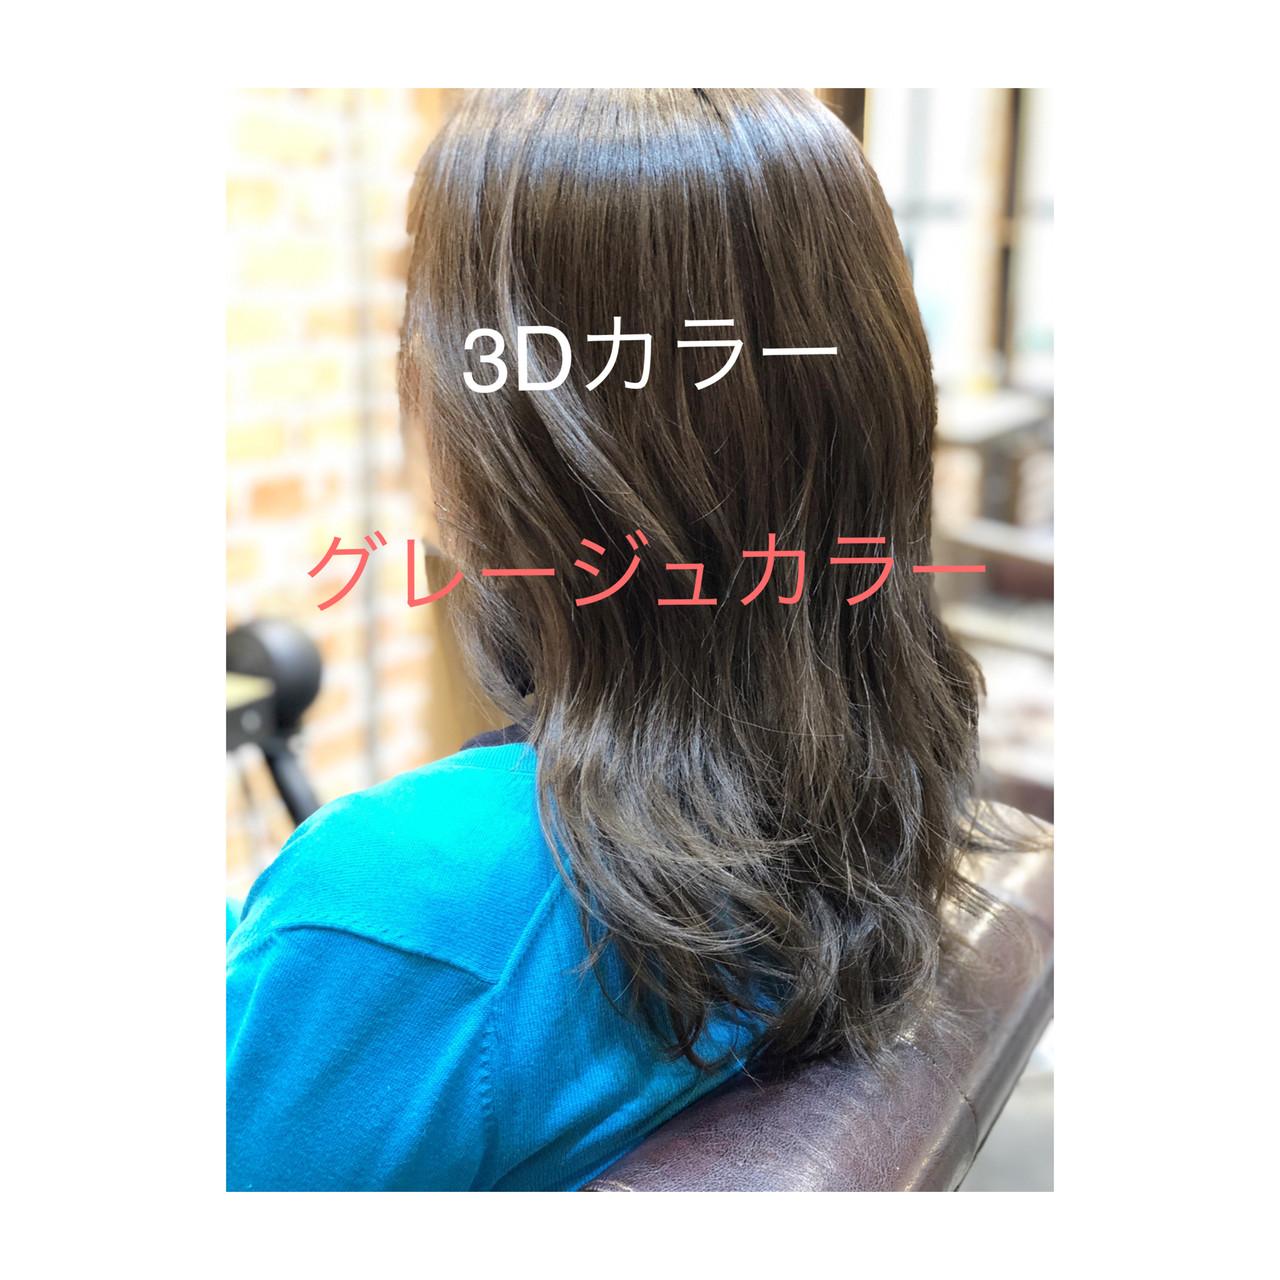 3Dカラー ロング デジタルパーマ ナチュラル ヘアスタイルや髪型の写真・画像